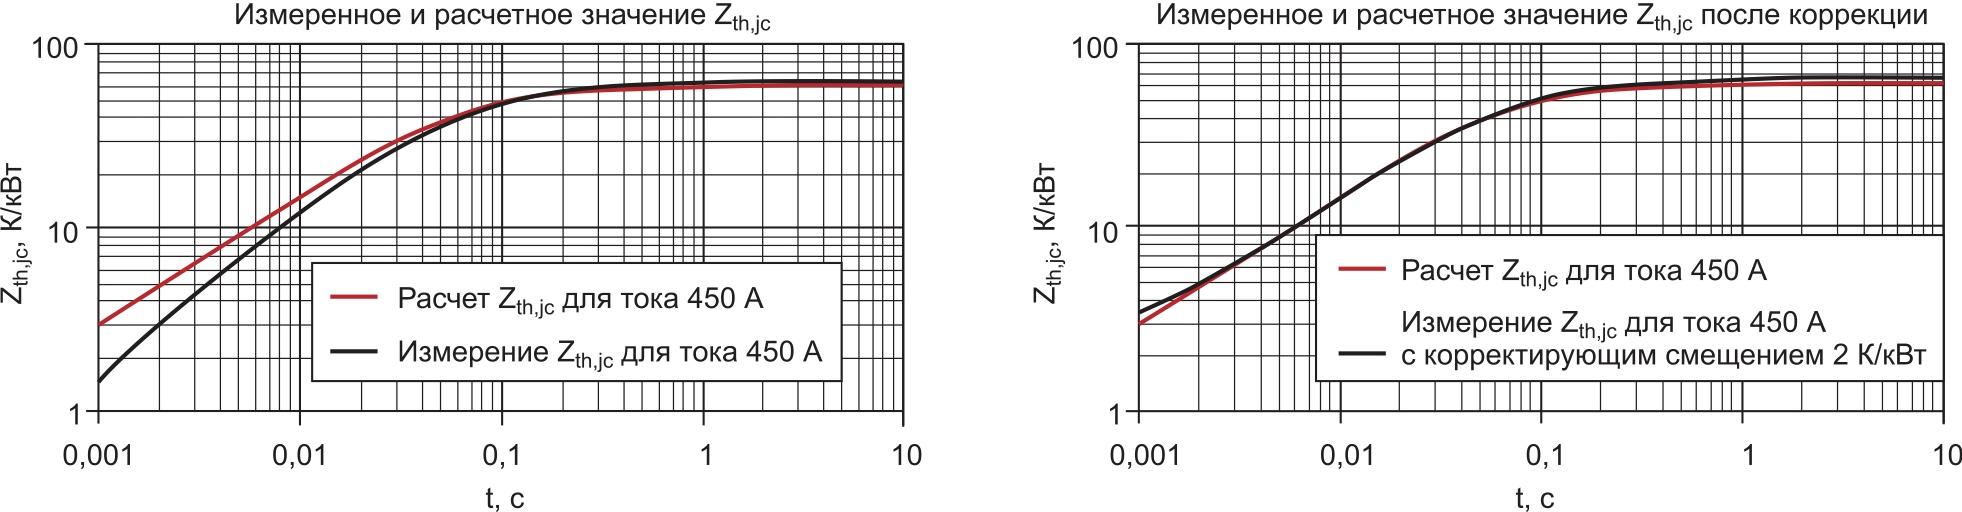 Сравнение расчетного и экспериментального значений Zth,jc без поправки и при ее введении